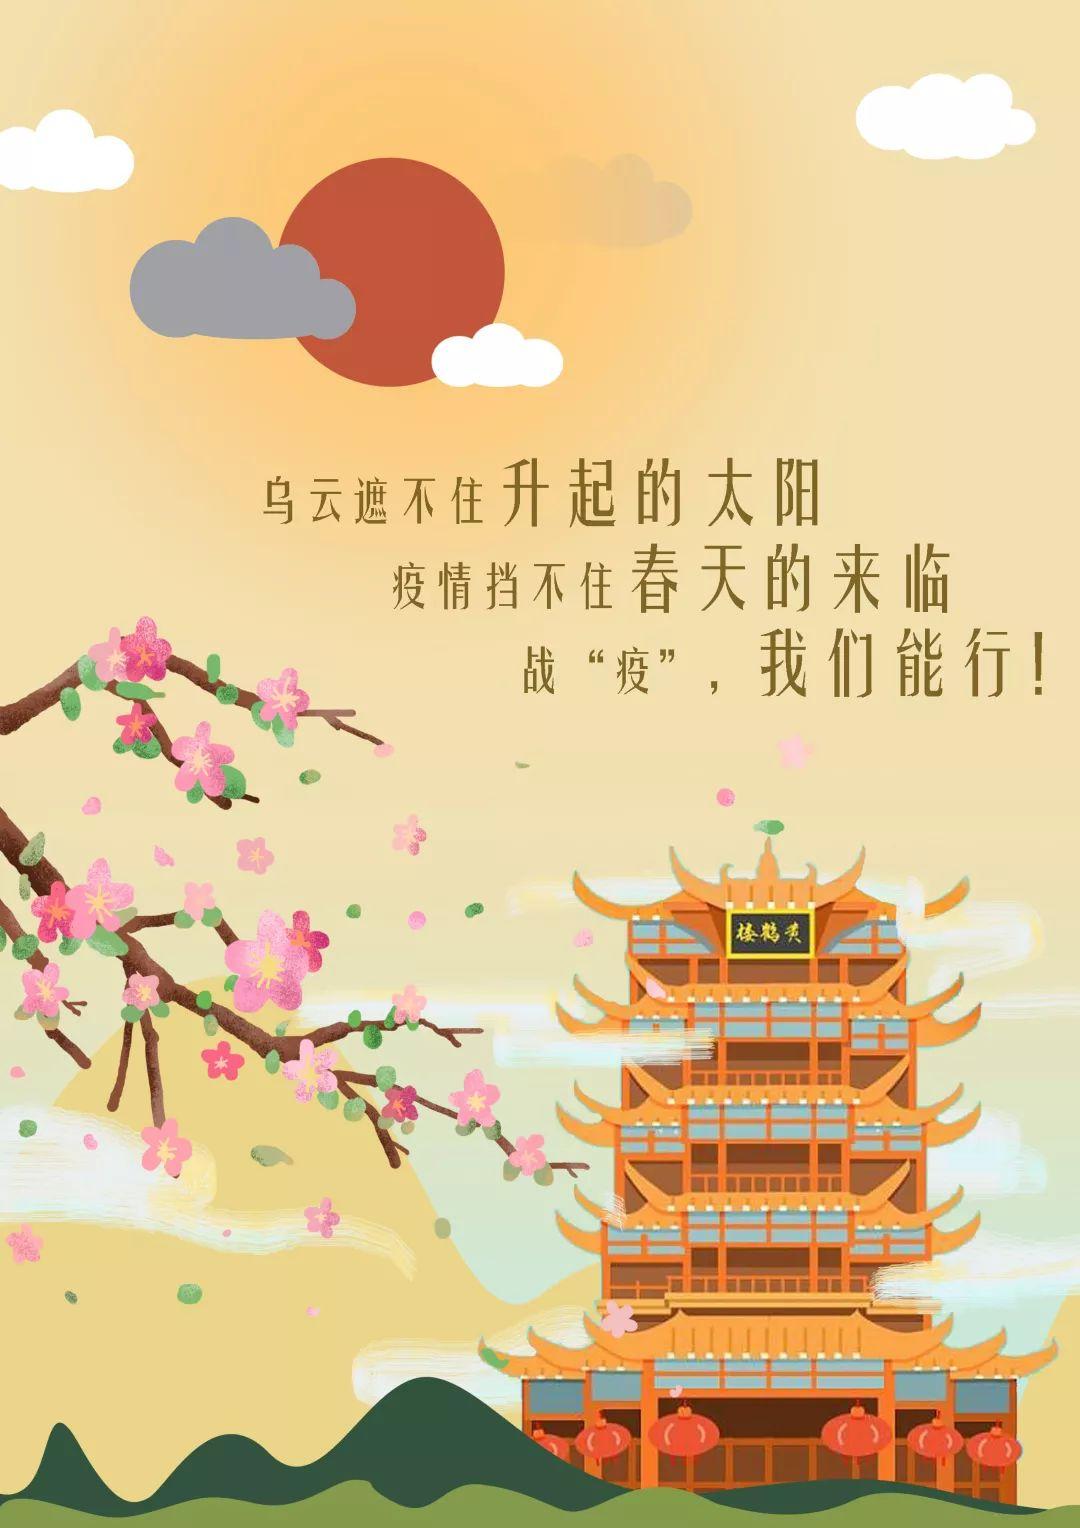 武汉,待你春暖花开    王桉妮.jpg